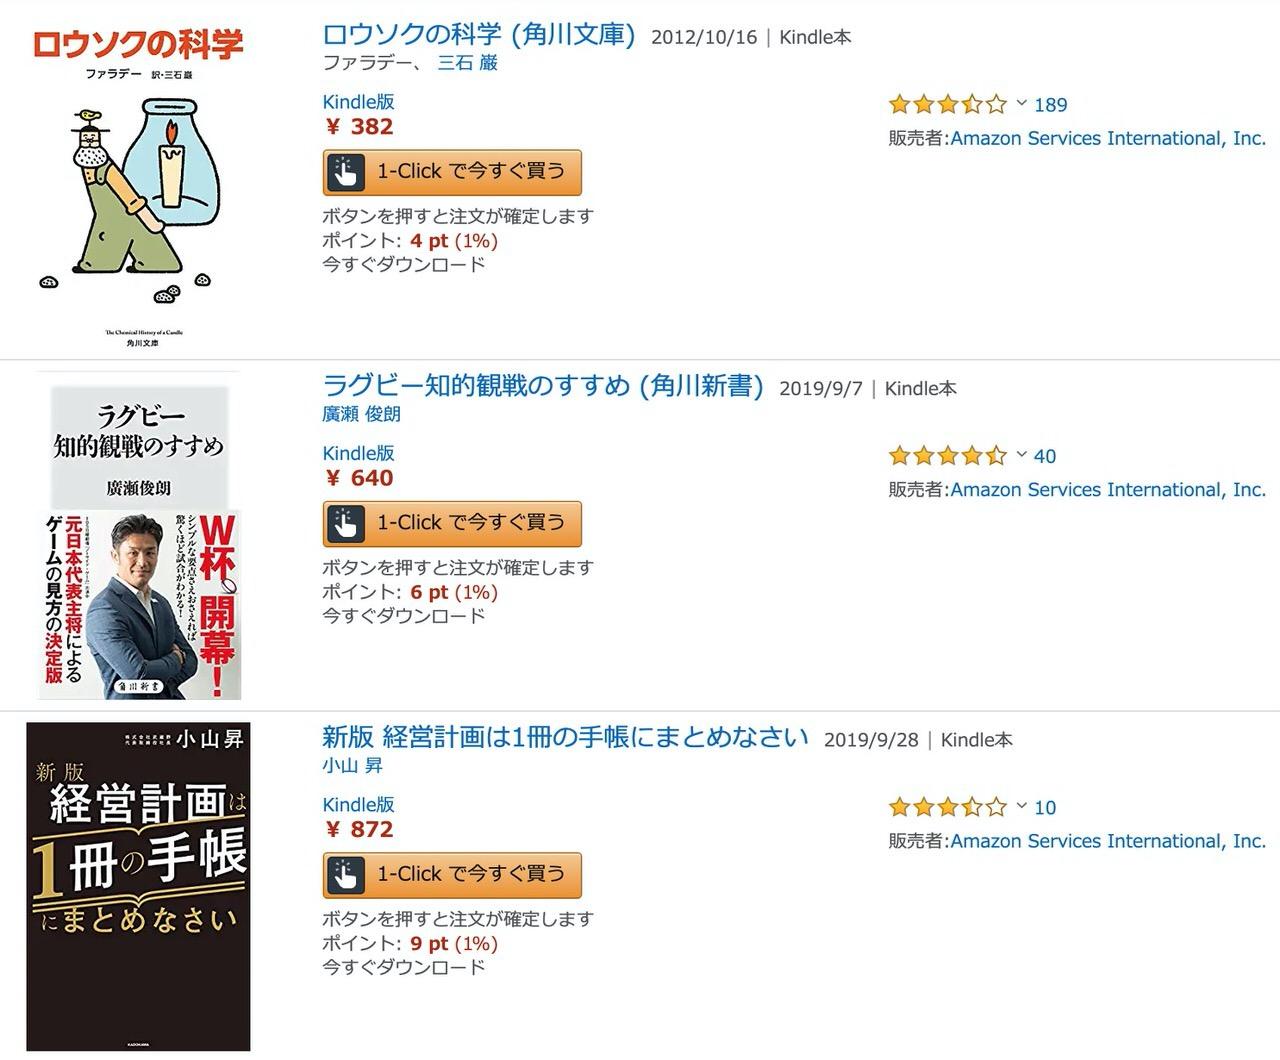 【Kindleセール】ラグビー知的観戦のすすめ・うつヌケ・キミのお金はどこに消えるのかなど6,000冊が対象「KADOKAWA 春の5500タイトルフェア」(2/27まで)